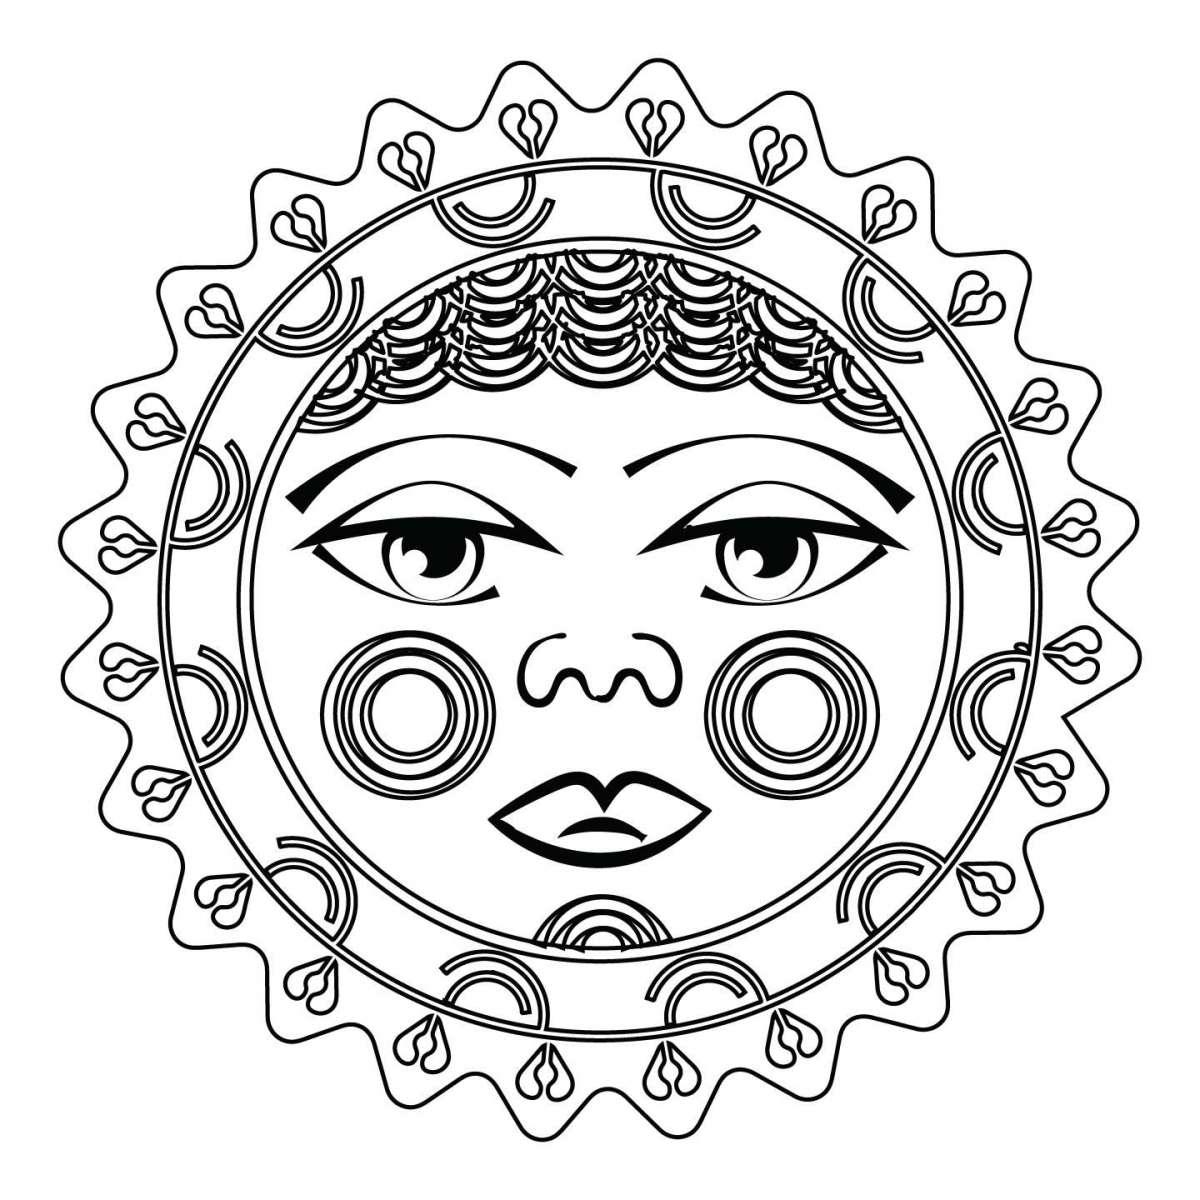 Disegno per tatuaggio sole maori con tratti umani